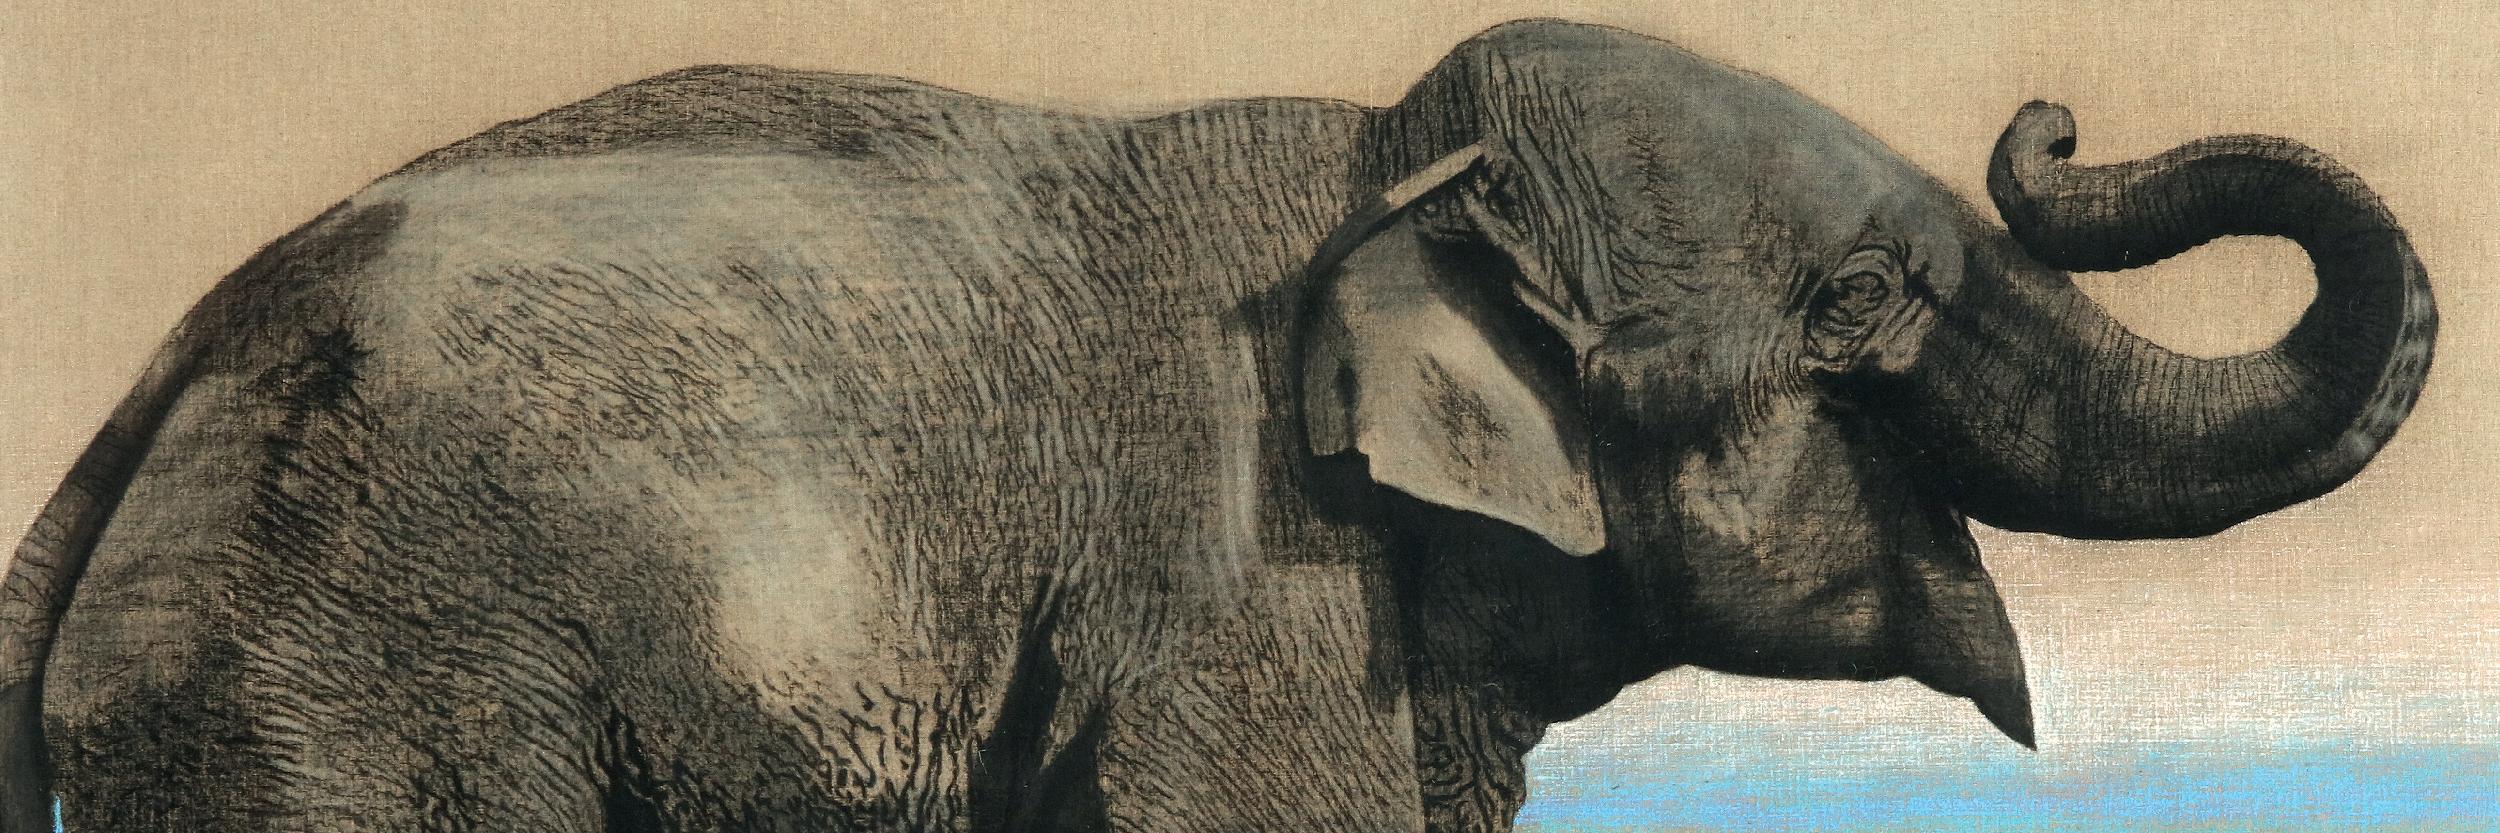 Antonio Segui, Elephants, 1973